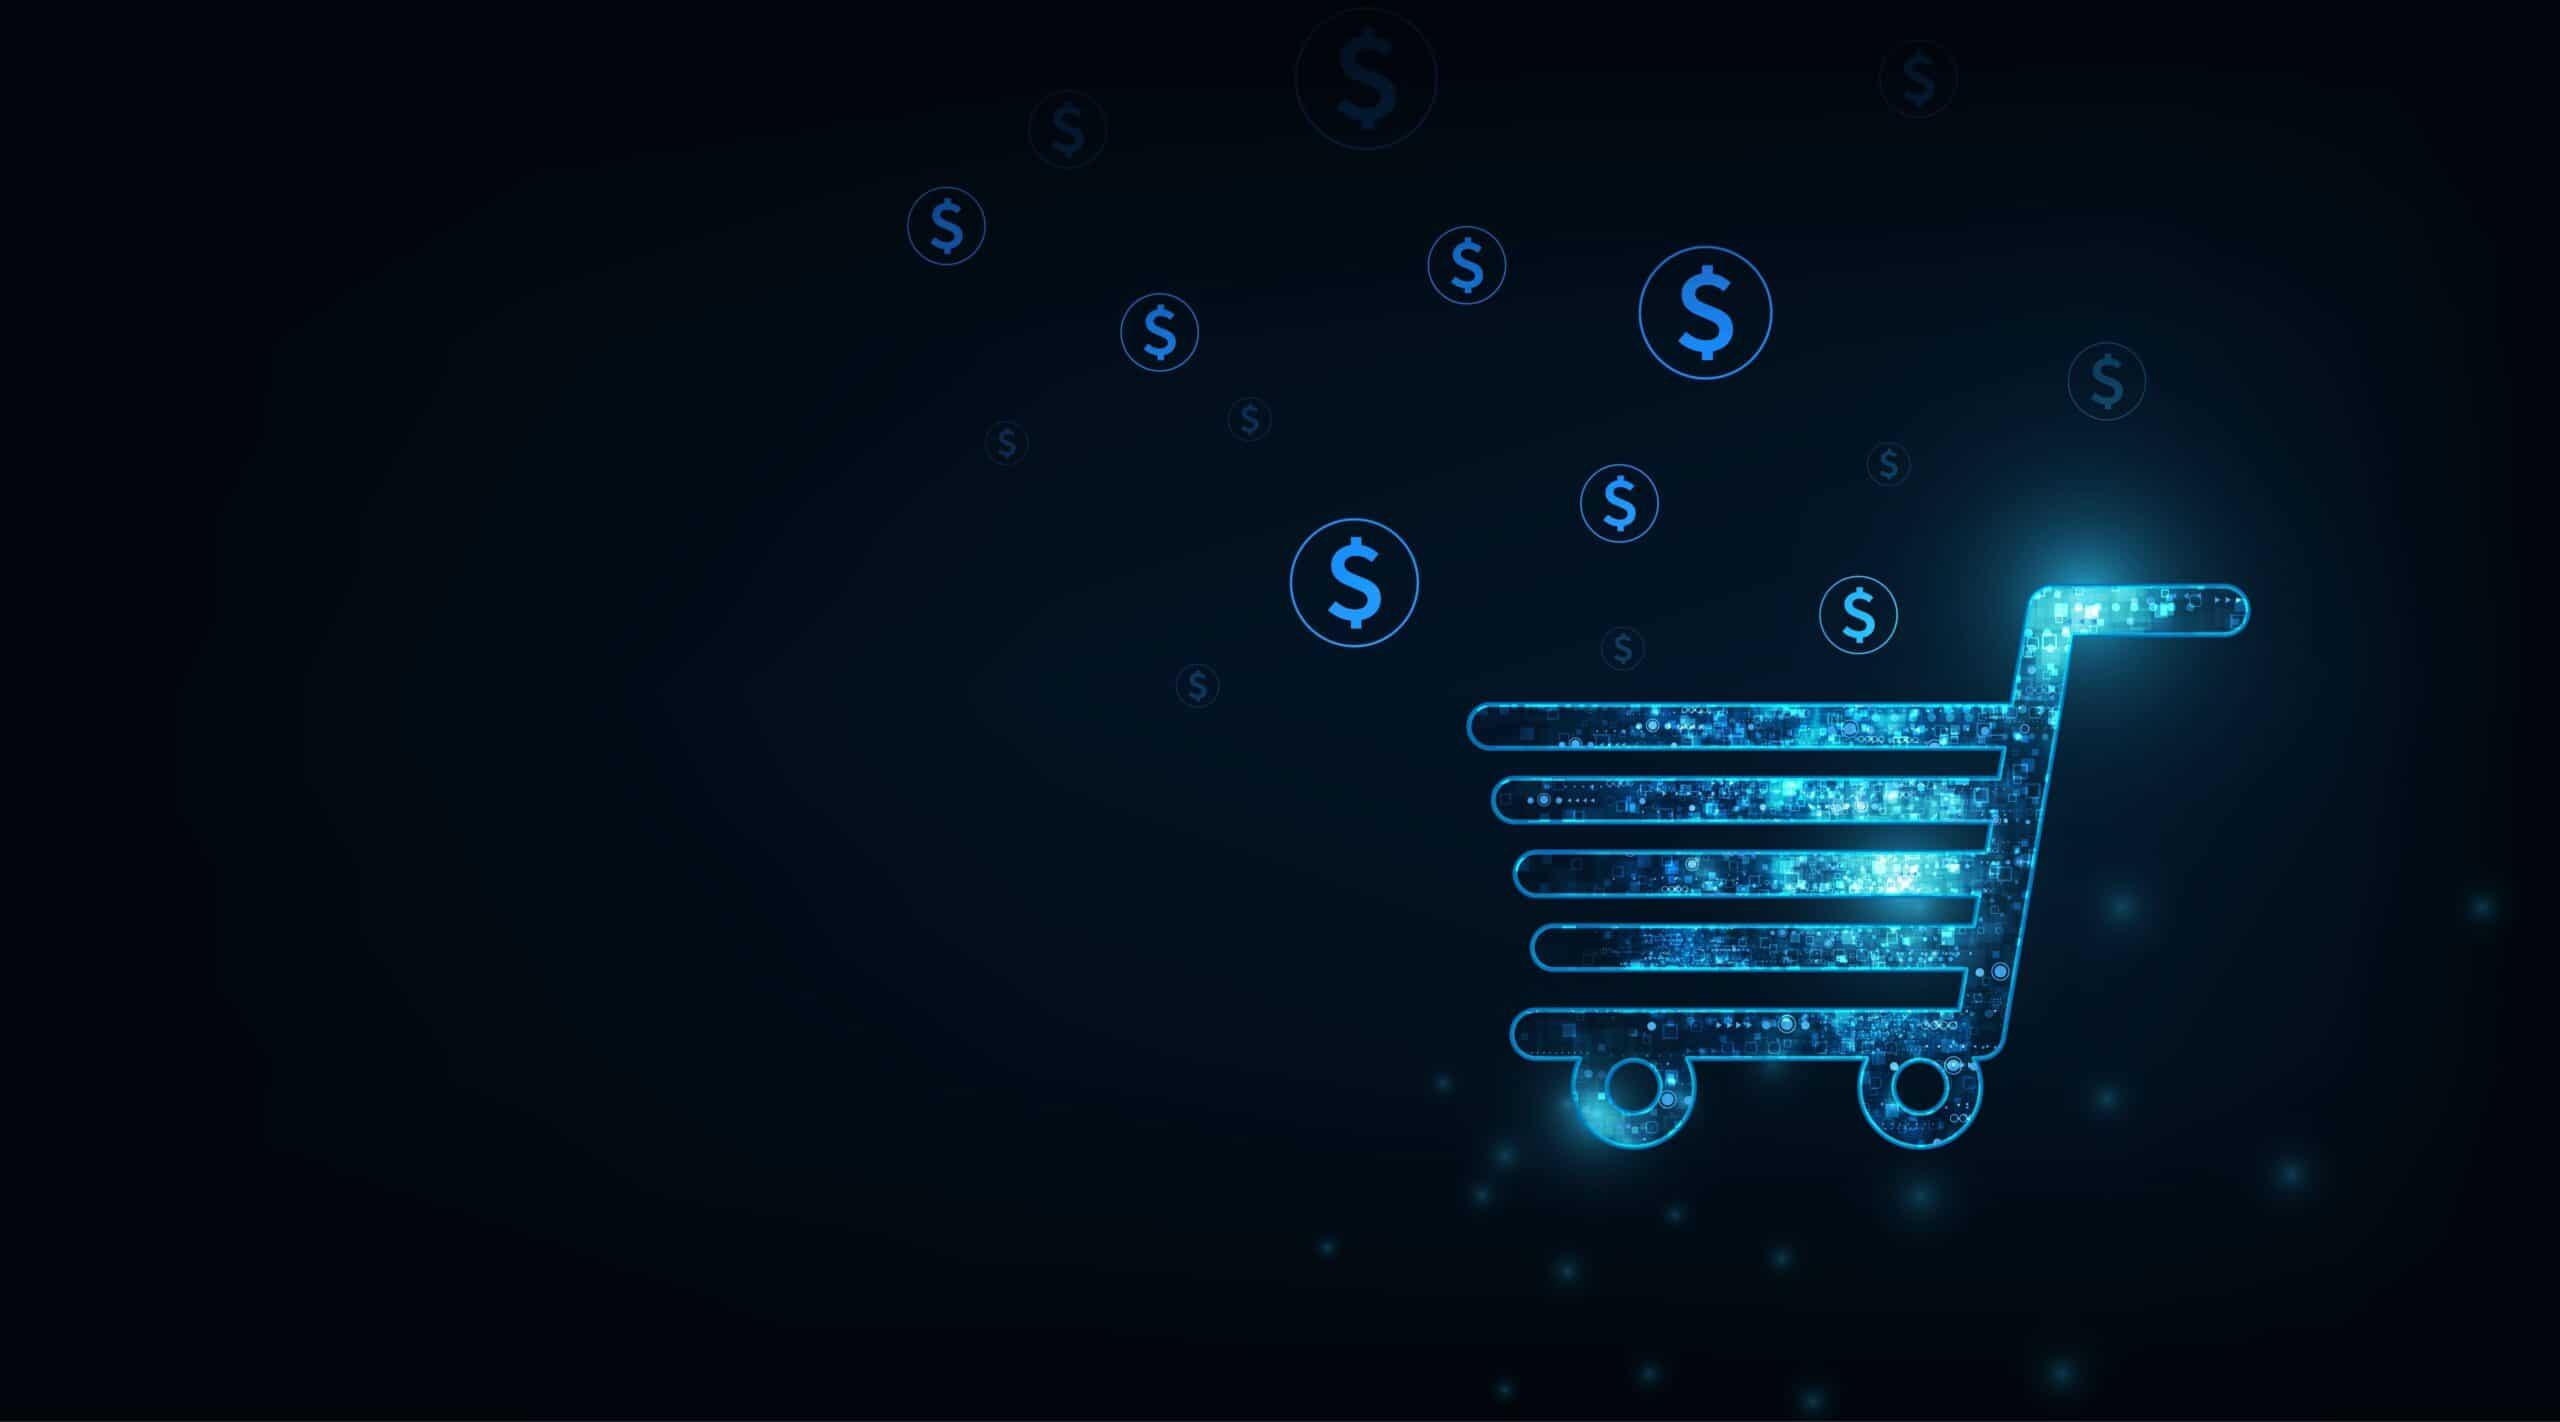 Darknet-Wirtschaft: Digitale Schattenwirtschaft